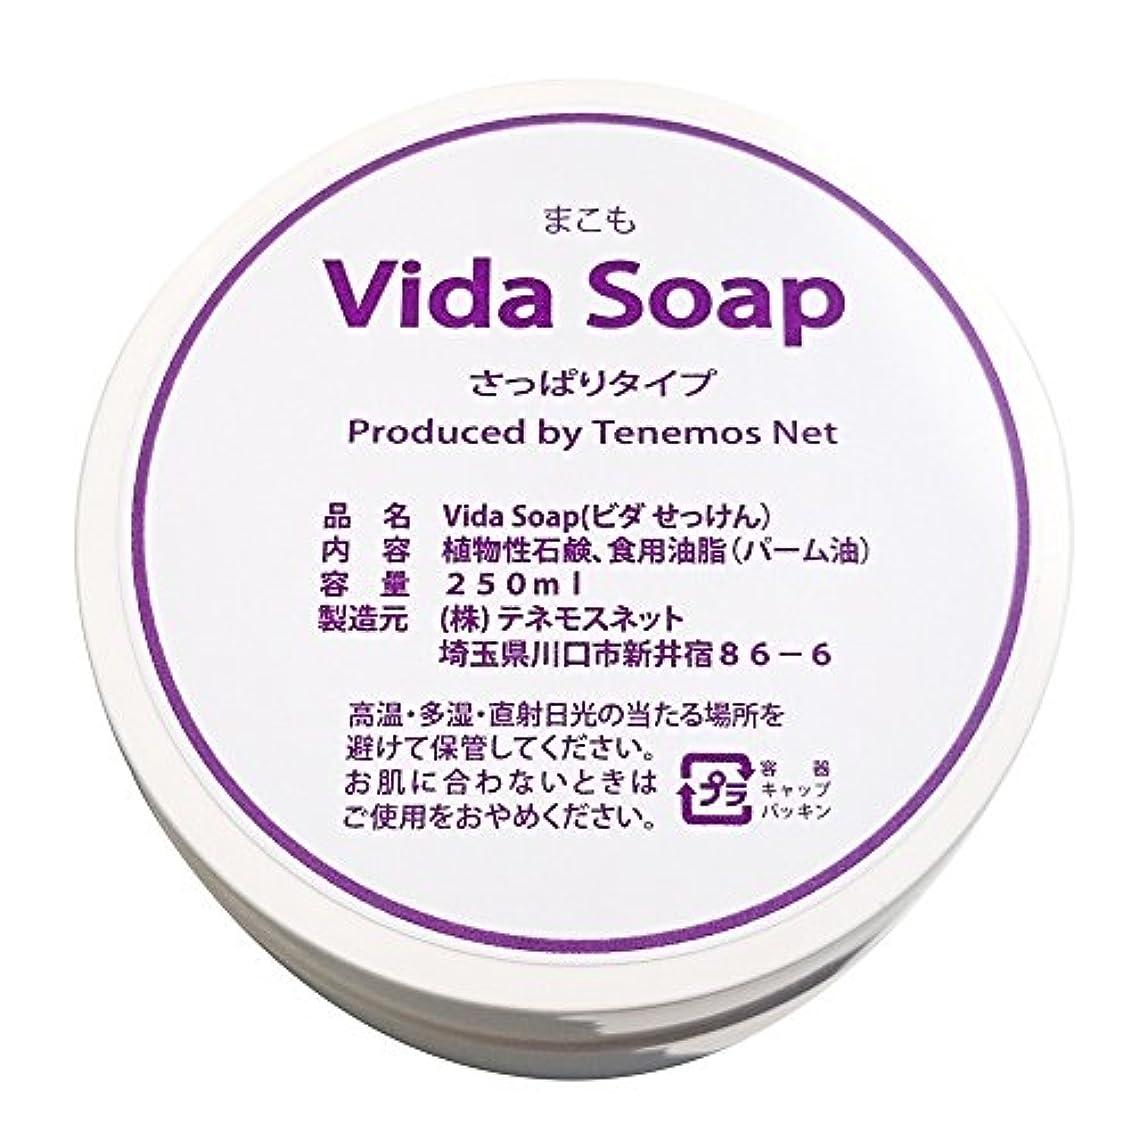 寛解人口聴覚障害者テネモス ビダせっけん Vida Soap さっぱりまこも 植物性 250ml